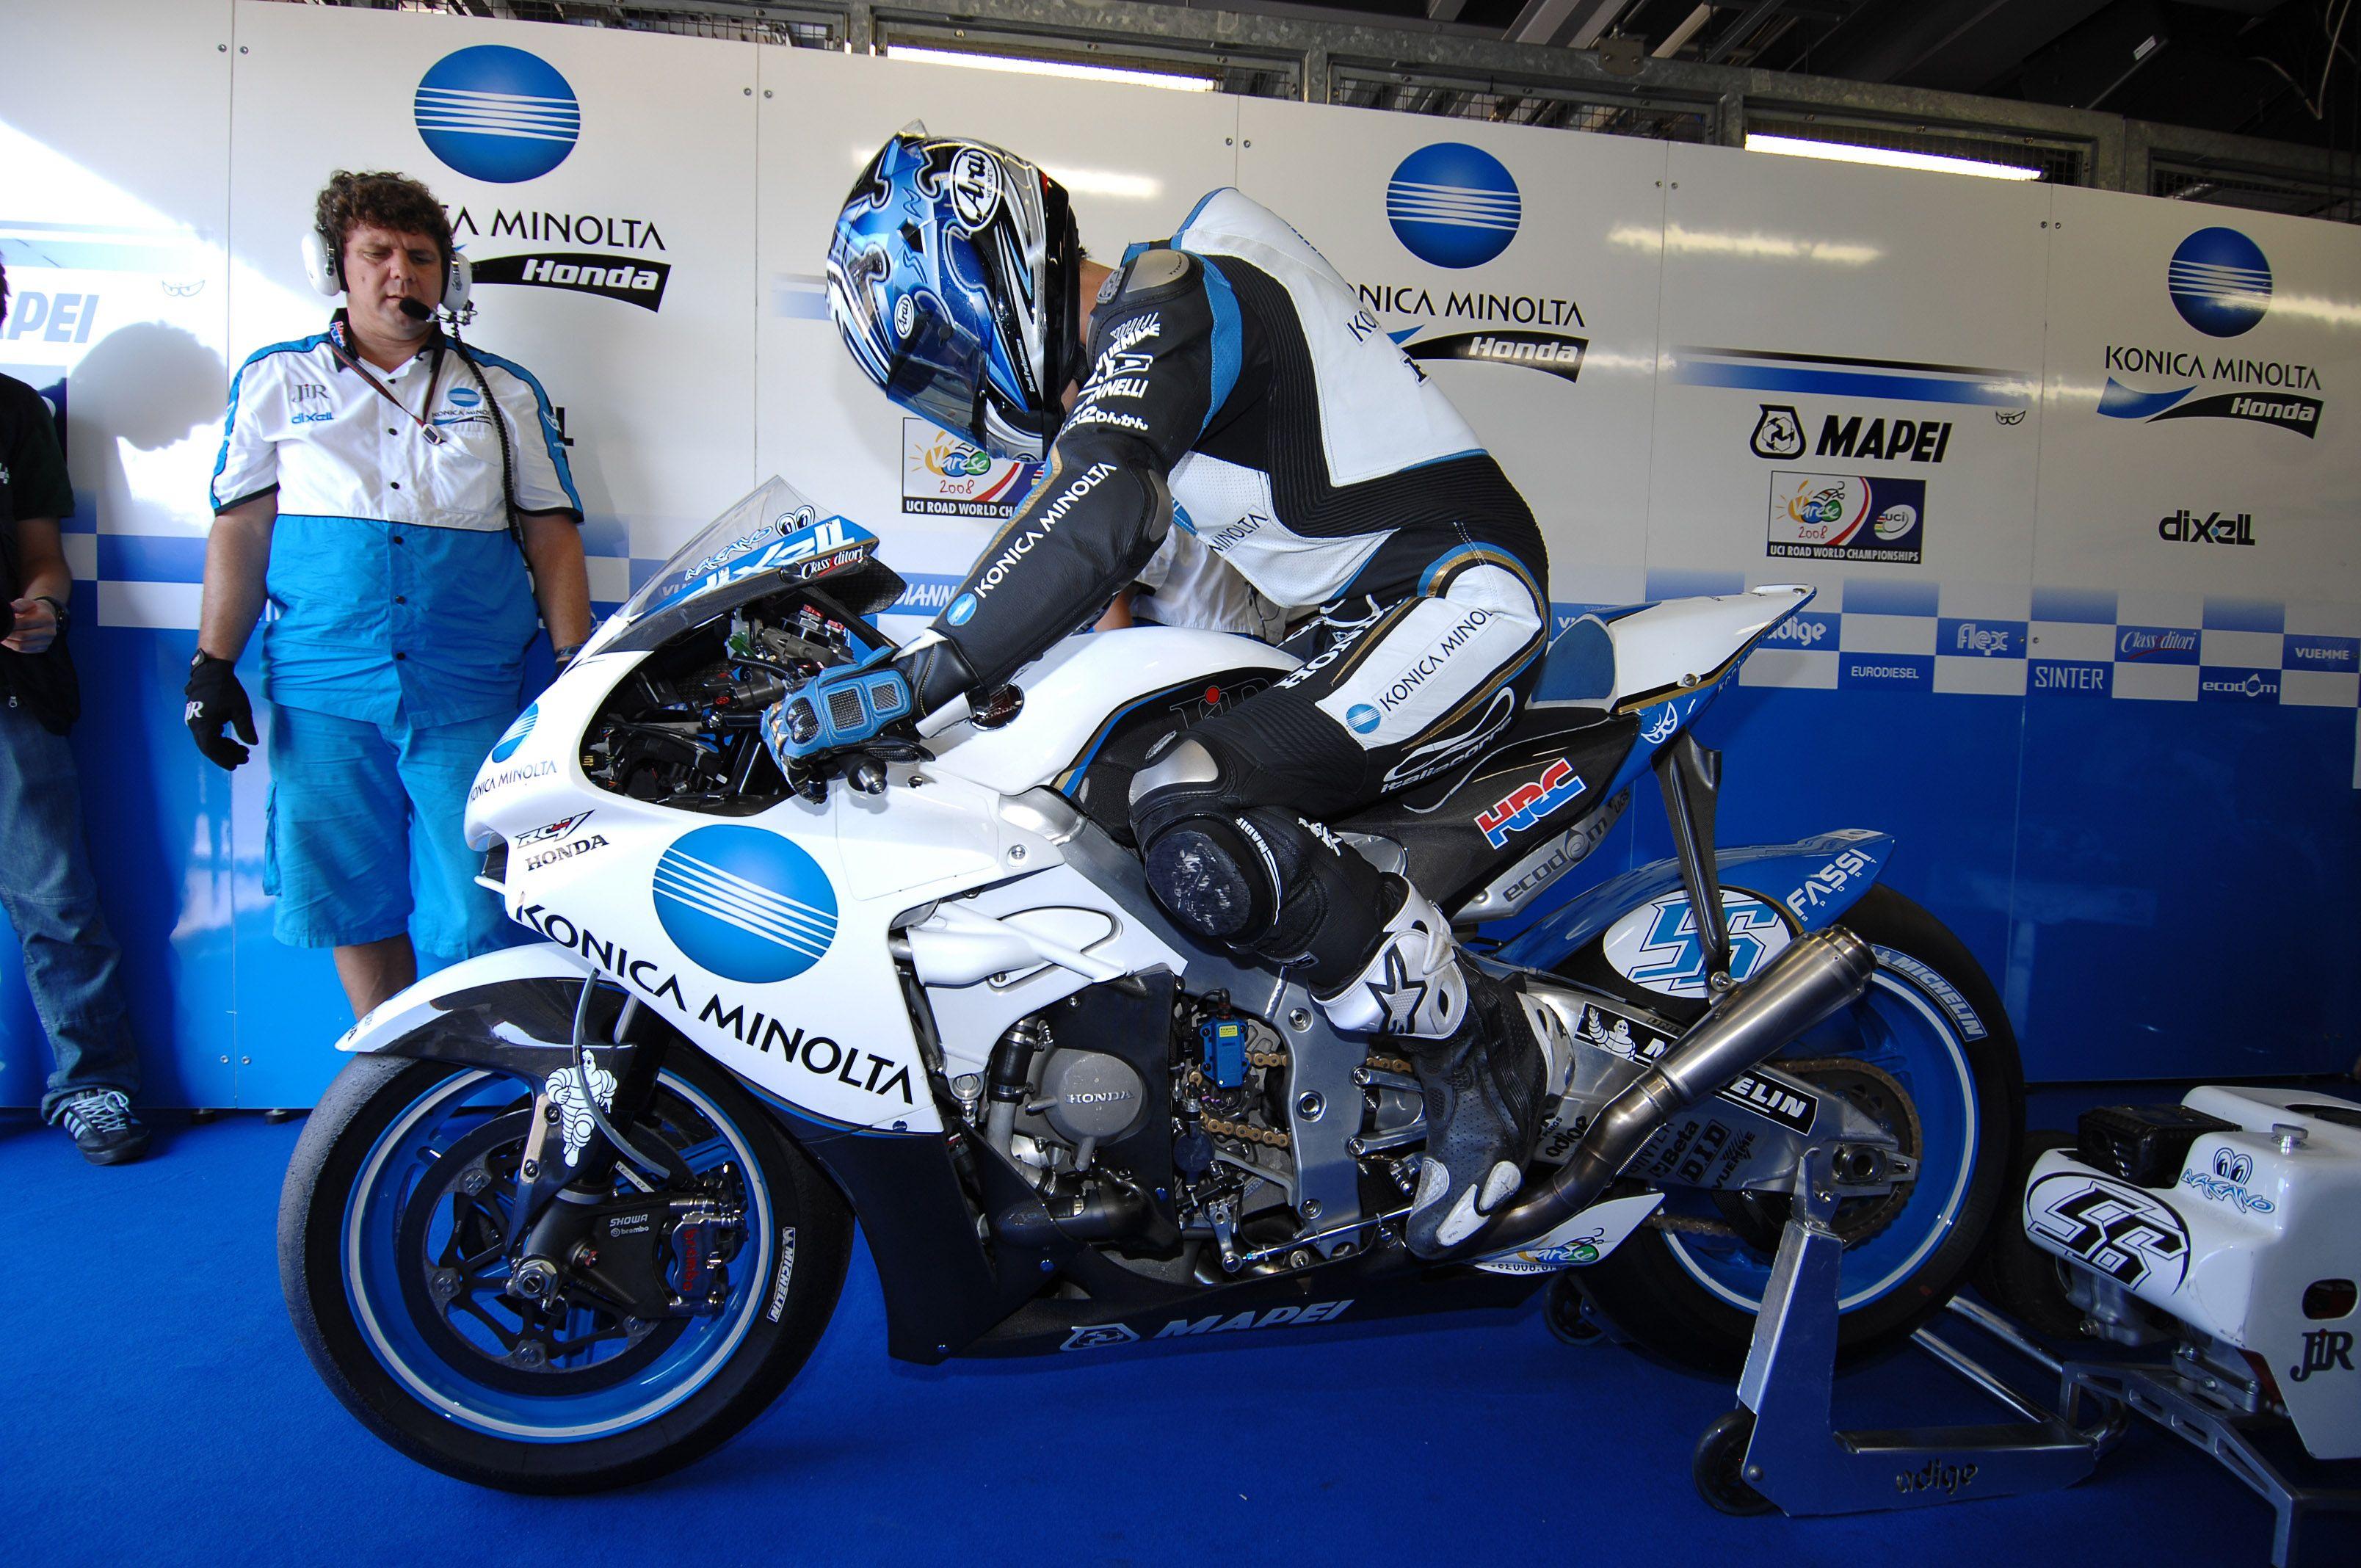 Shinya Nakano - Konica Minolta Honda - 2007 MotoGP ...